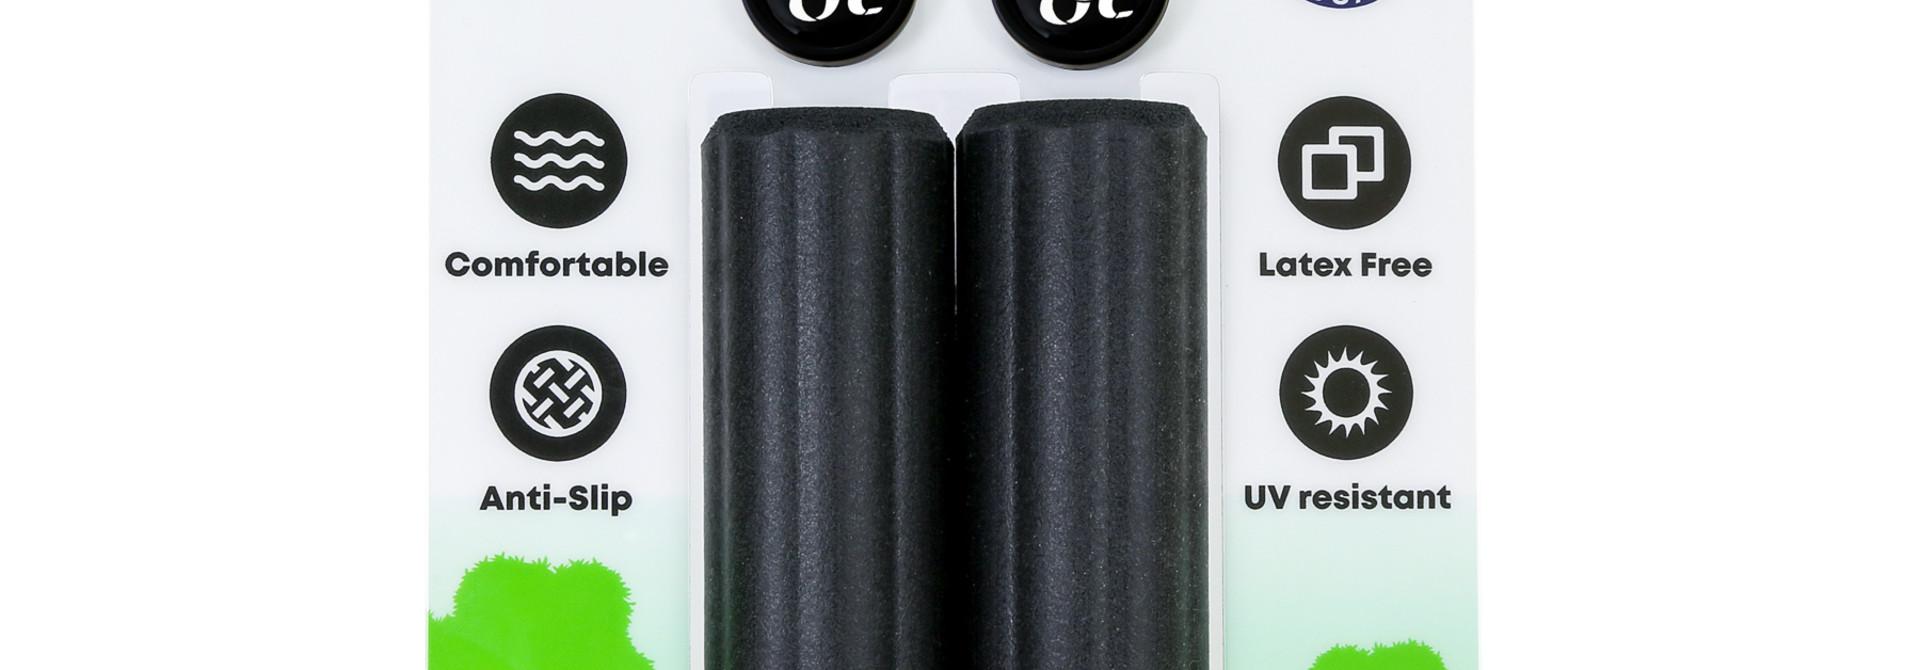 ESI Grips - Plush Silicone Grips, Black